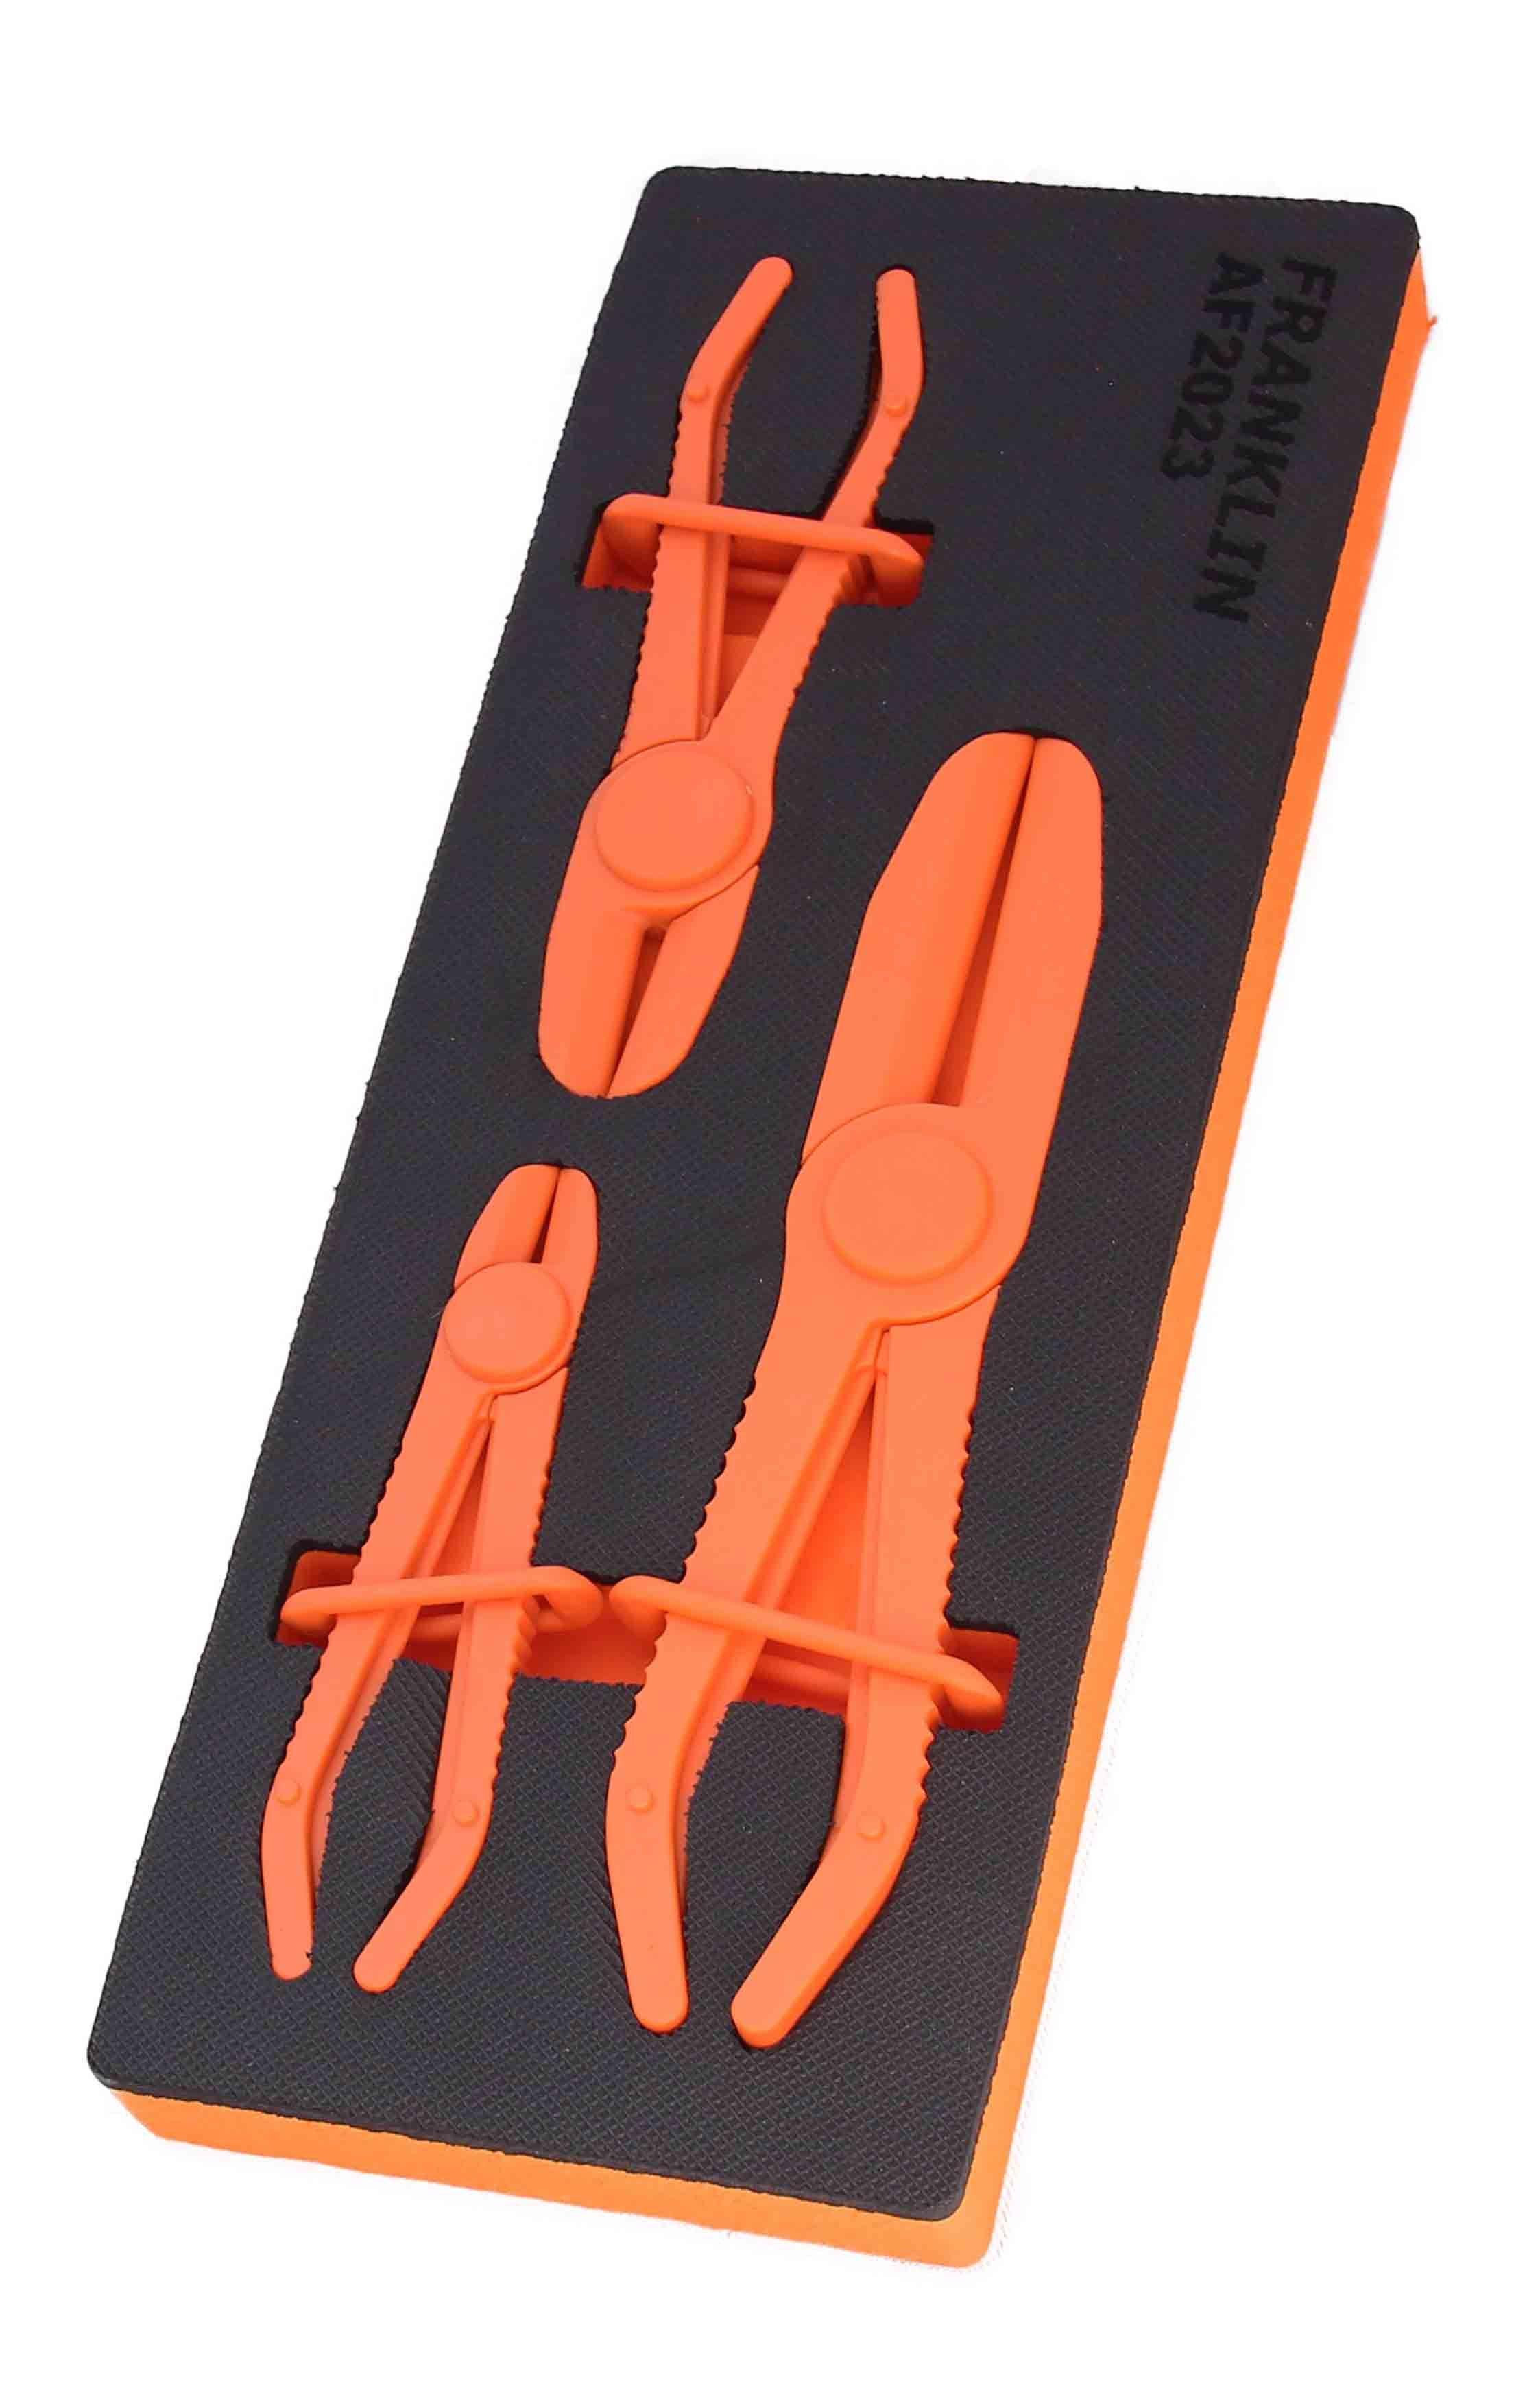 Franklin 3 Piece Hose Clamp Set